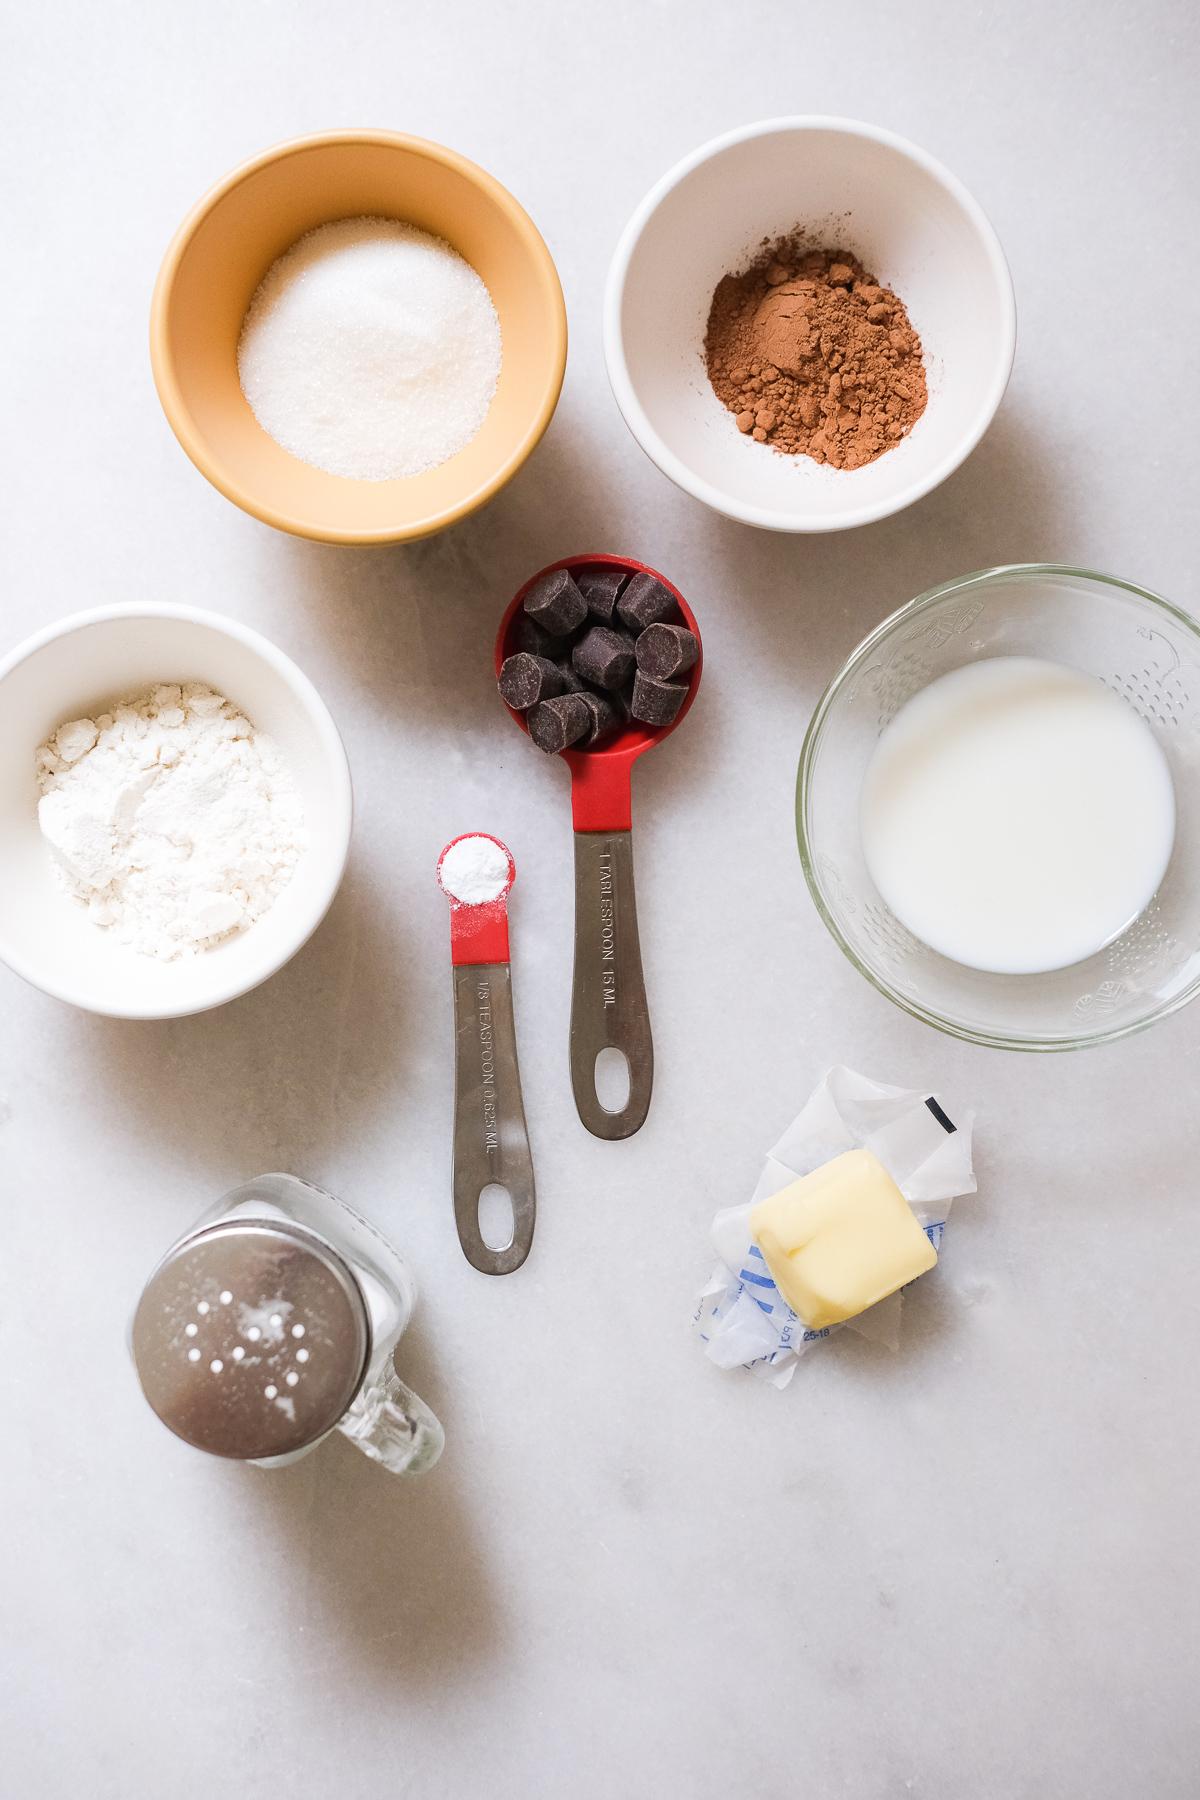 ingredients to make a chocolate mug cake